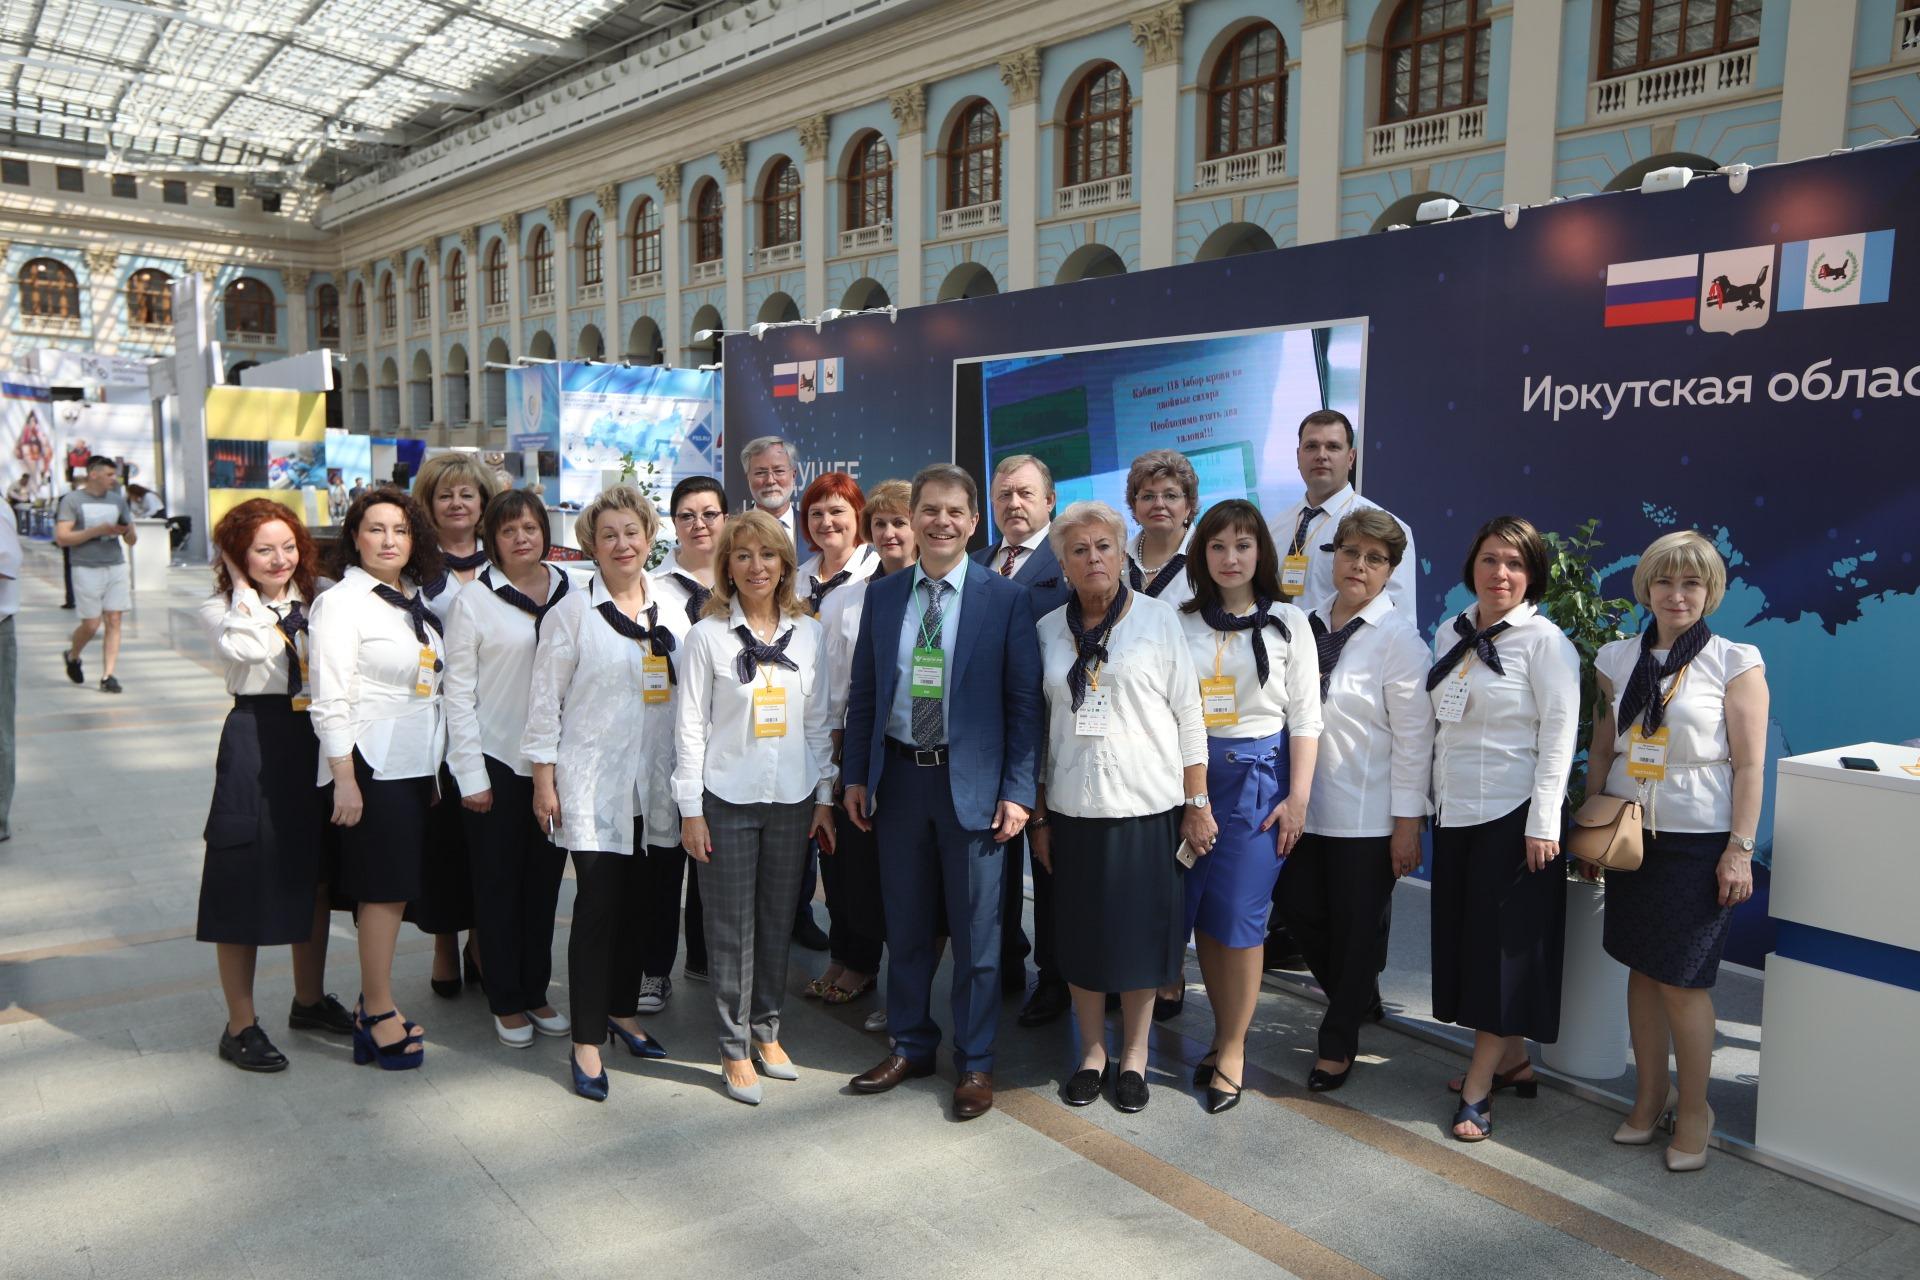 29 мая 2019 года в городе Москве, в «Гостином Дворе» открылся Всероссийский форум «Здоровье нации – основа процветания России» (далее Форум), который продлится до 31 мая.   Организаторами выступили Общероссийская общественная организация «Лига здоров…